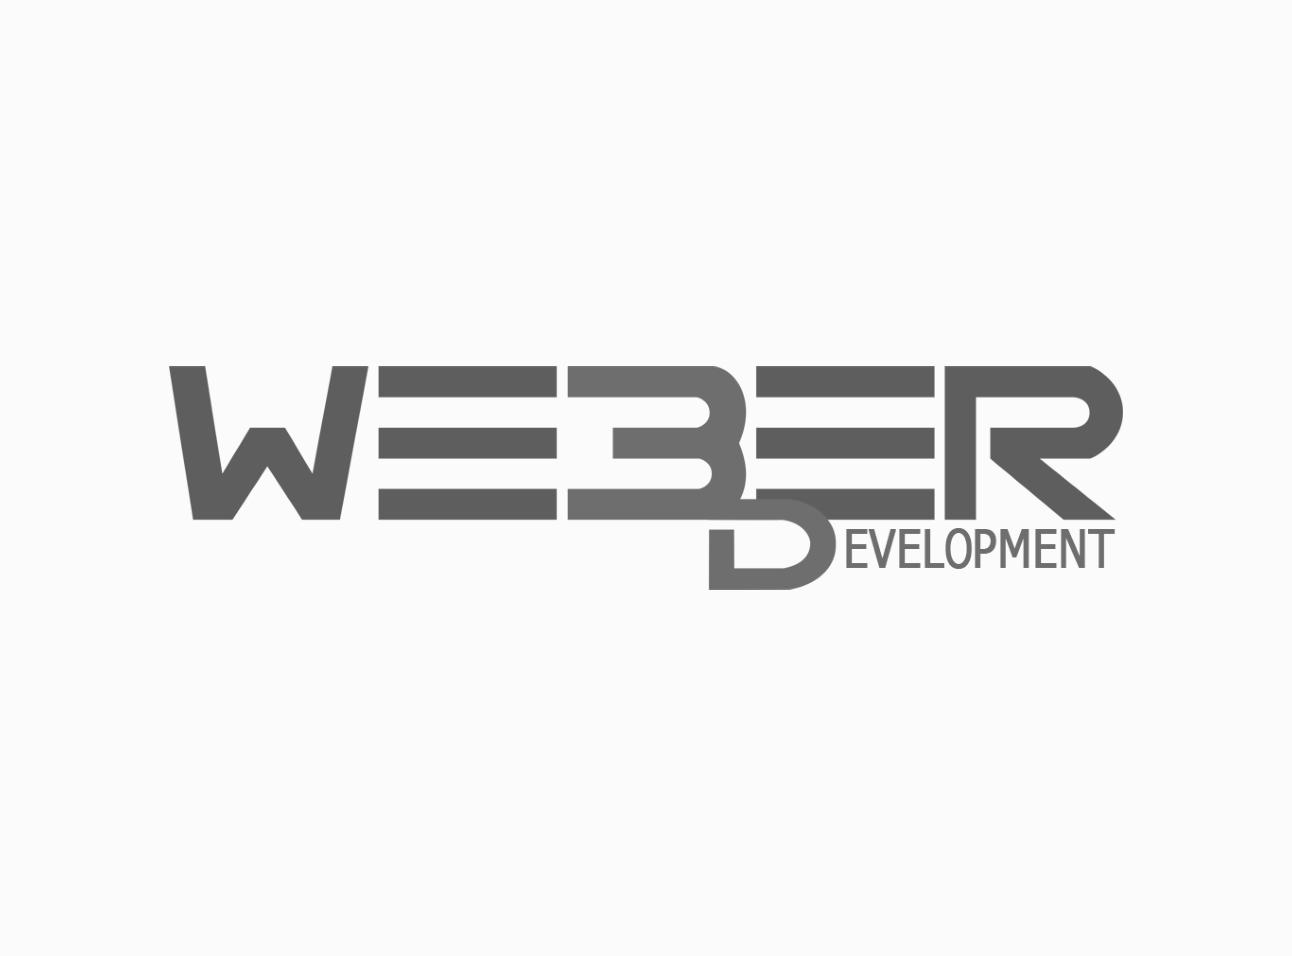 Weber Development